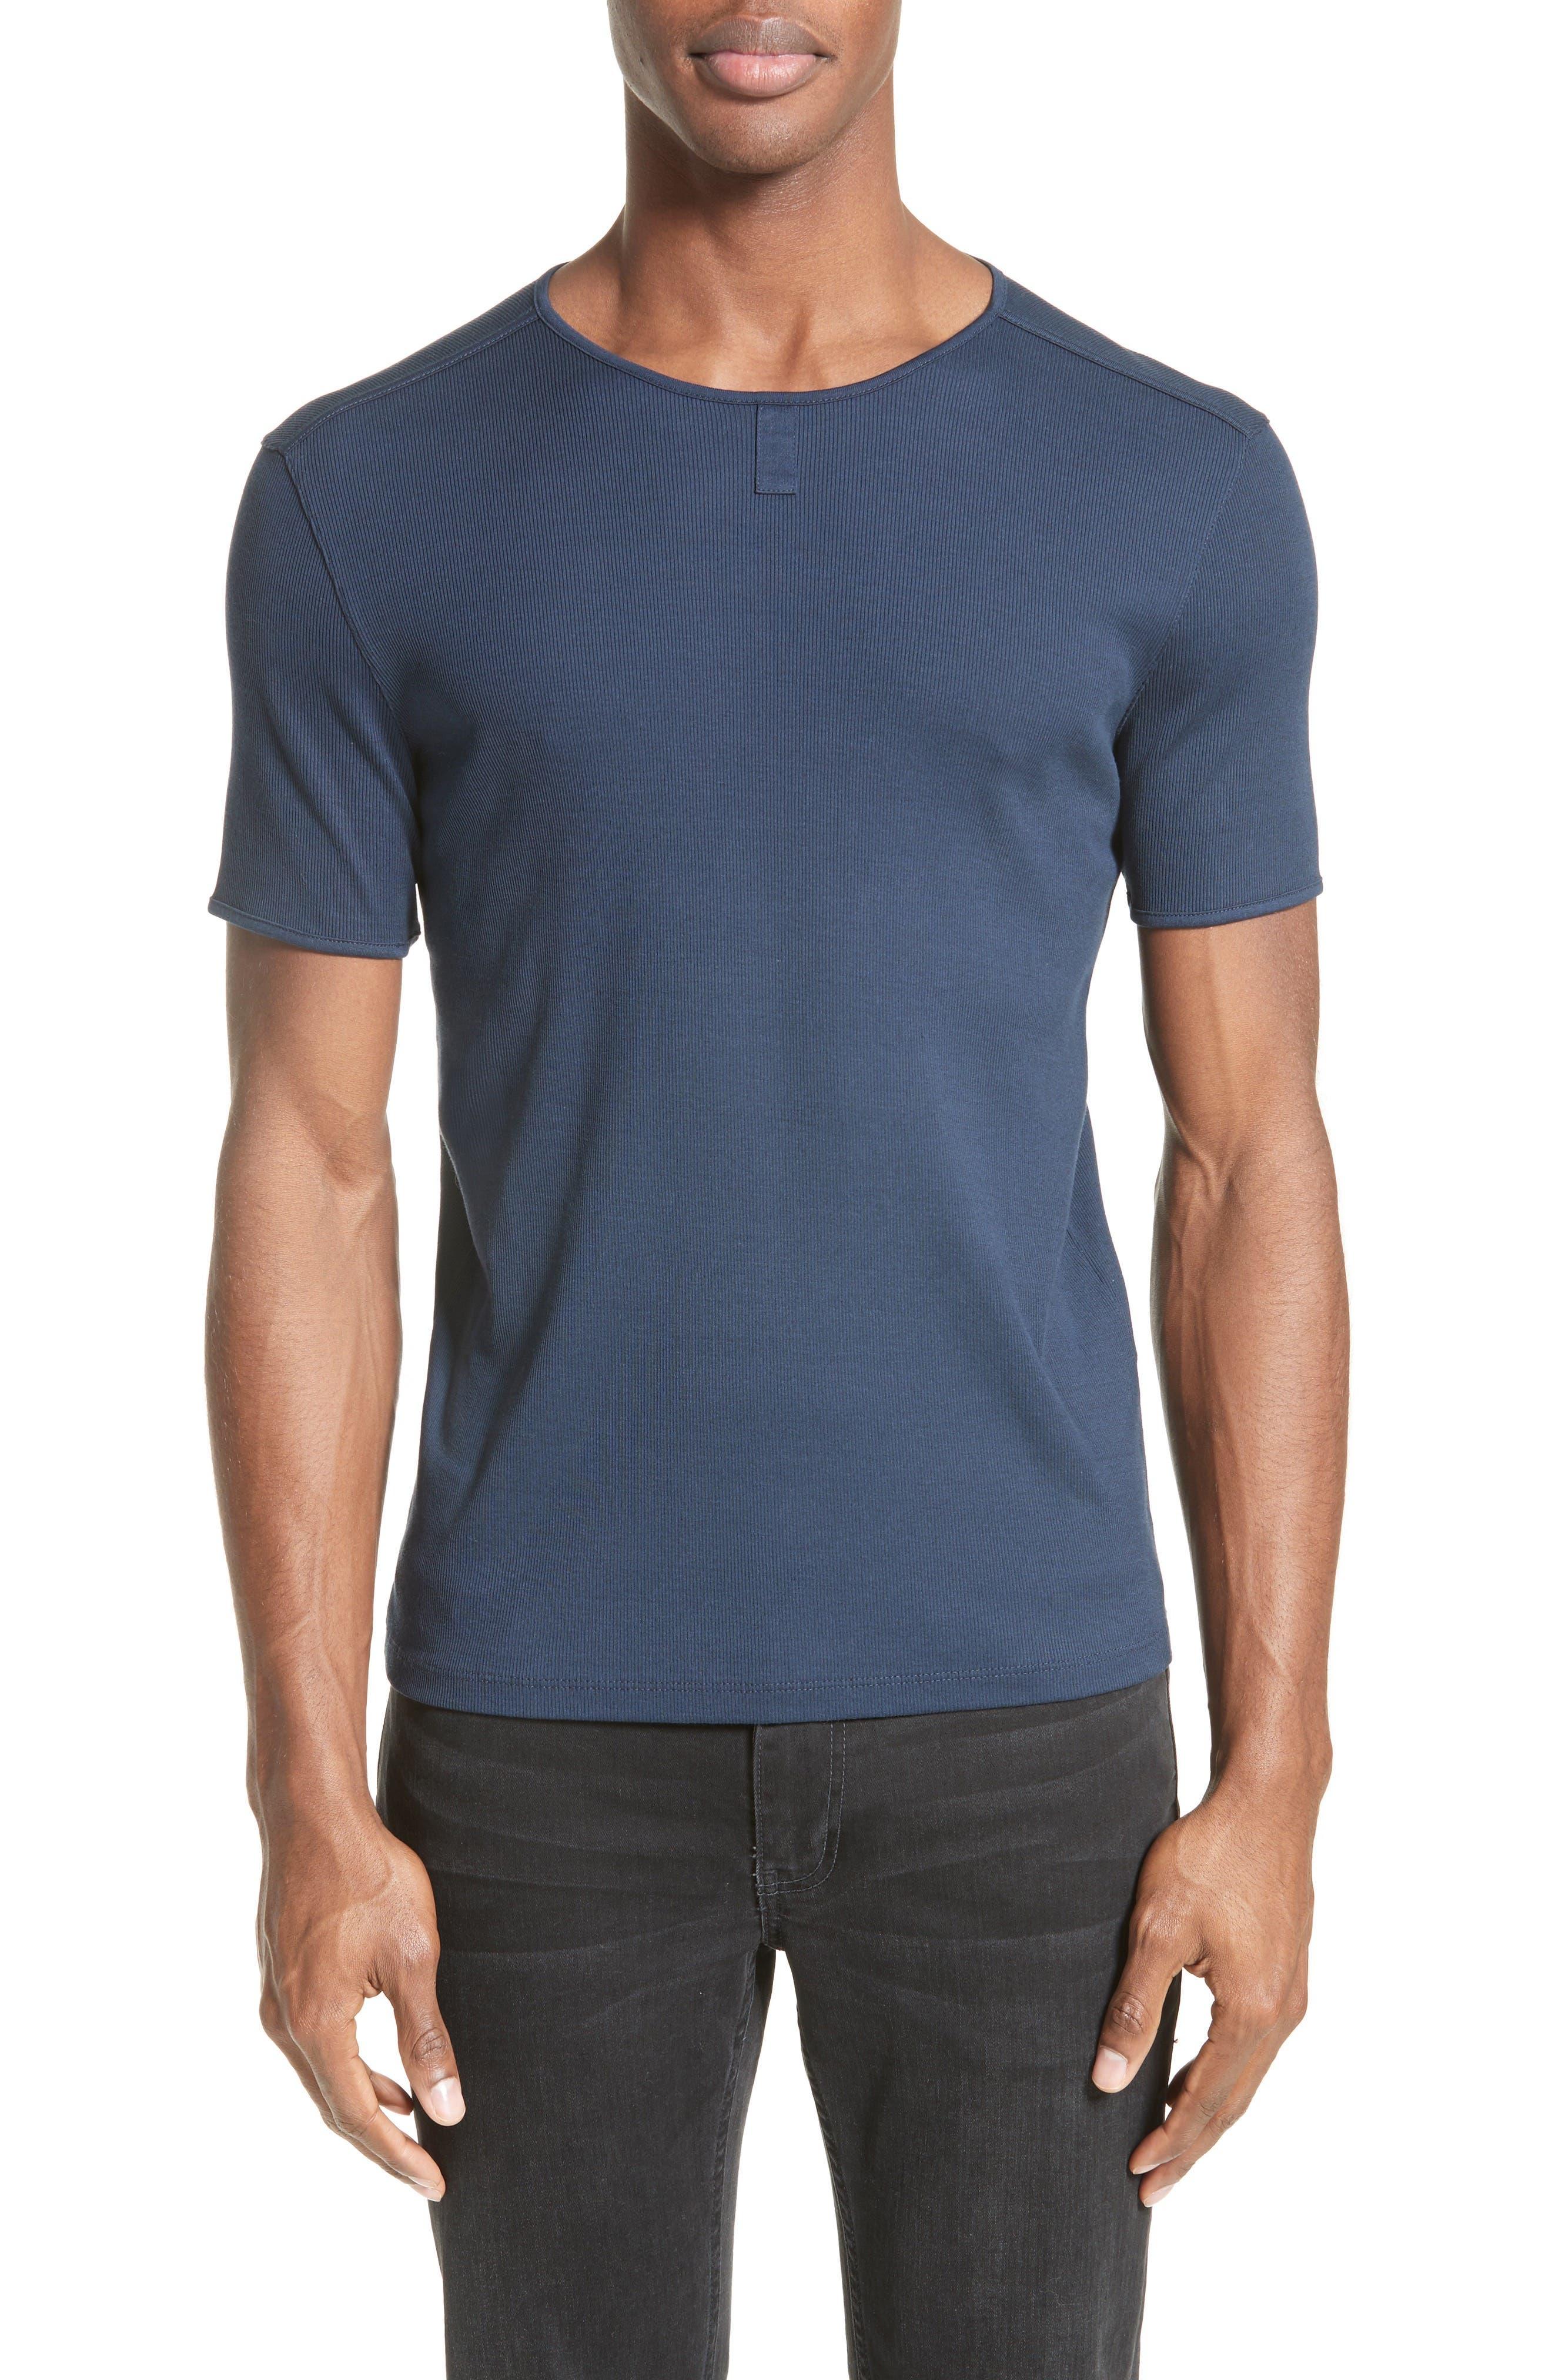 Alternate Image 1 Selected - John Varvatos Collection Ribbed Crewneck T-Shirt